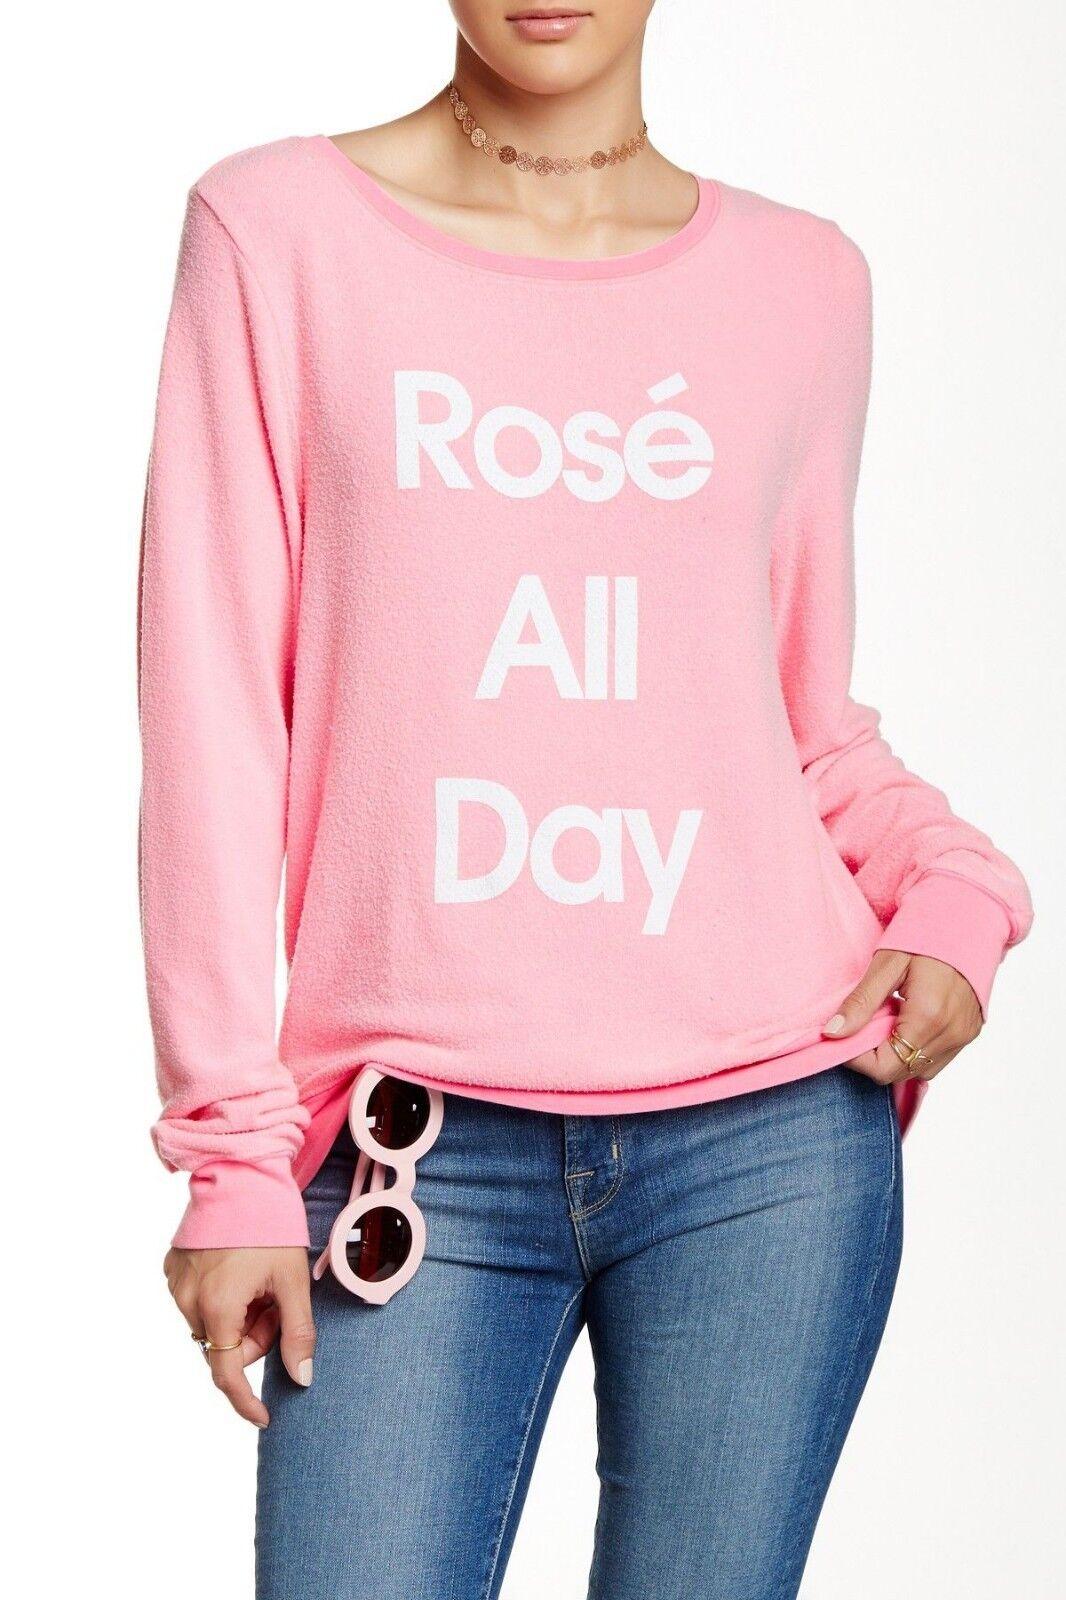 Wildfox rosa All All All Day Maglione, Barbie, rosa, Maglione Largo, Felpa TAGLIA XS 8d3c3c